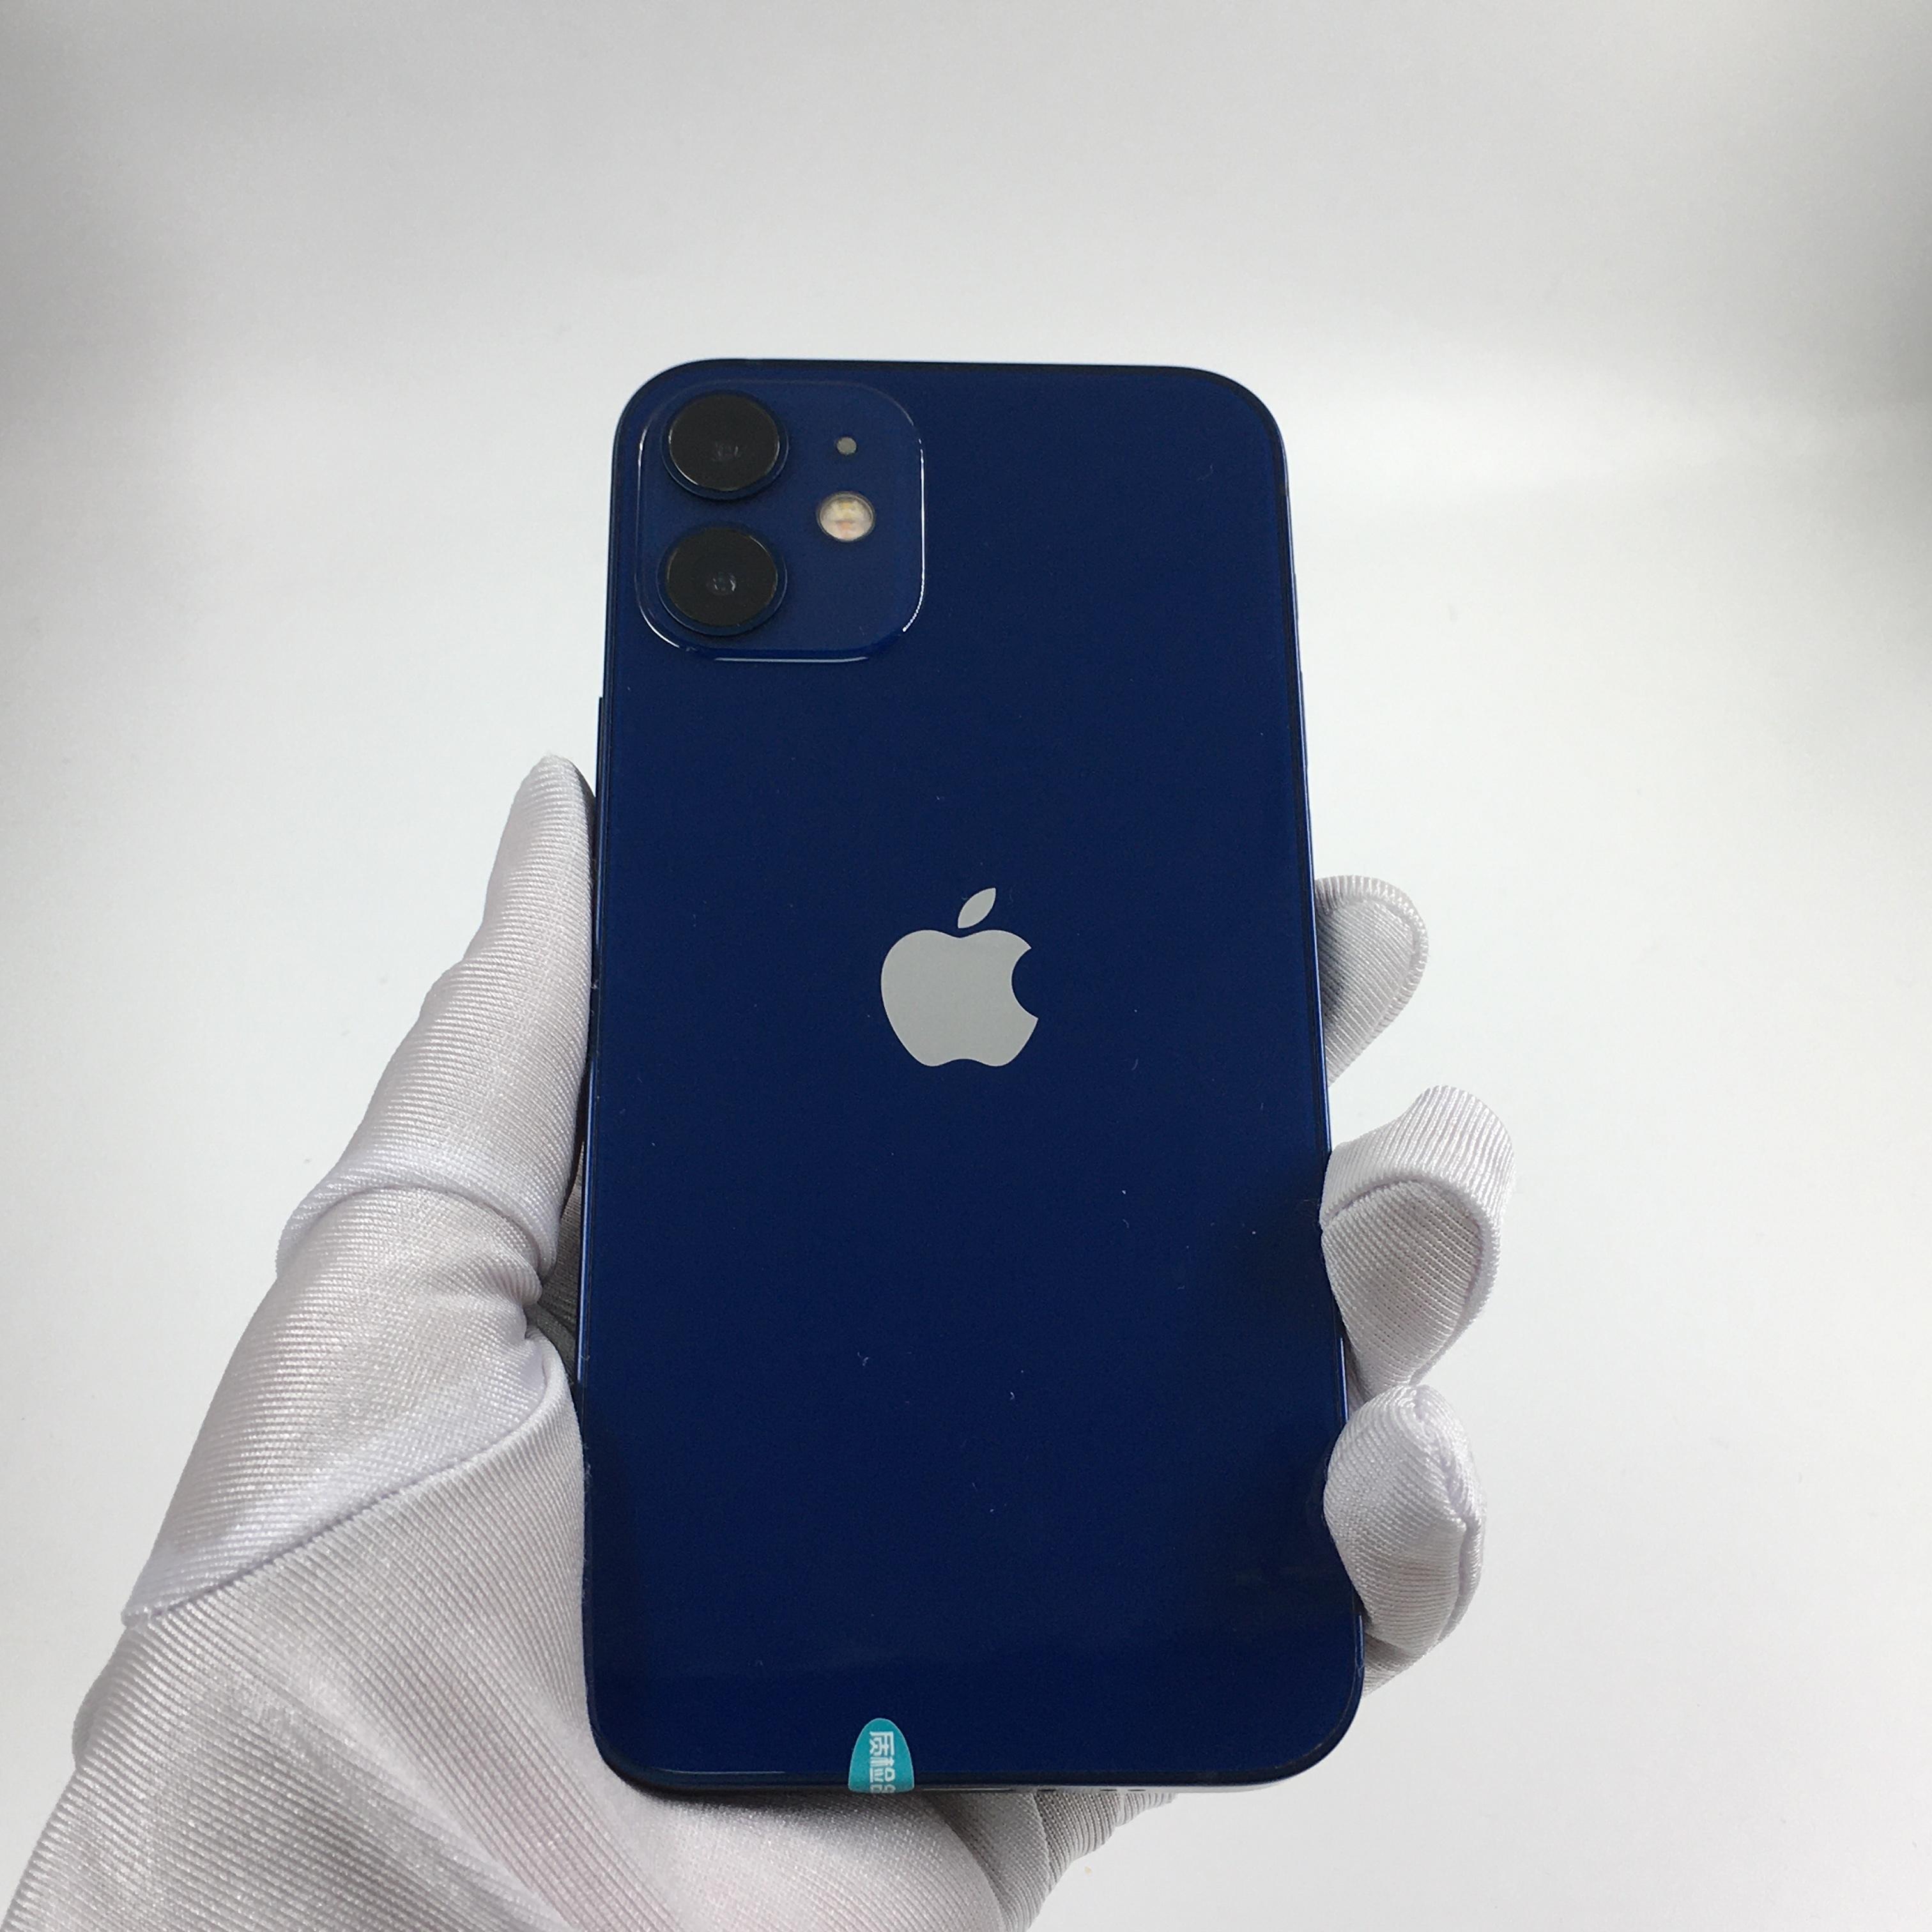 苹果【iPhone 12 mini】5G全网通 蓝色 128G 国行 99新 128G真机实拍全套原装